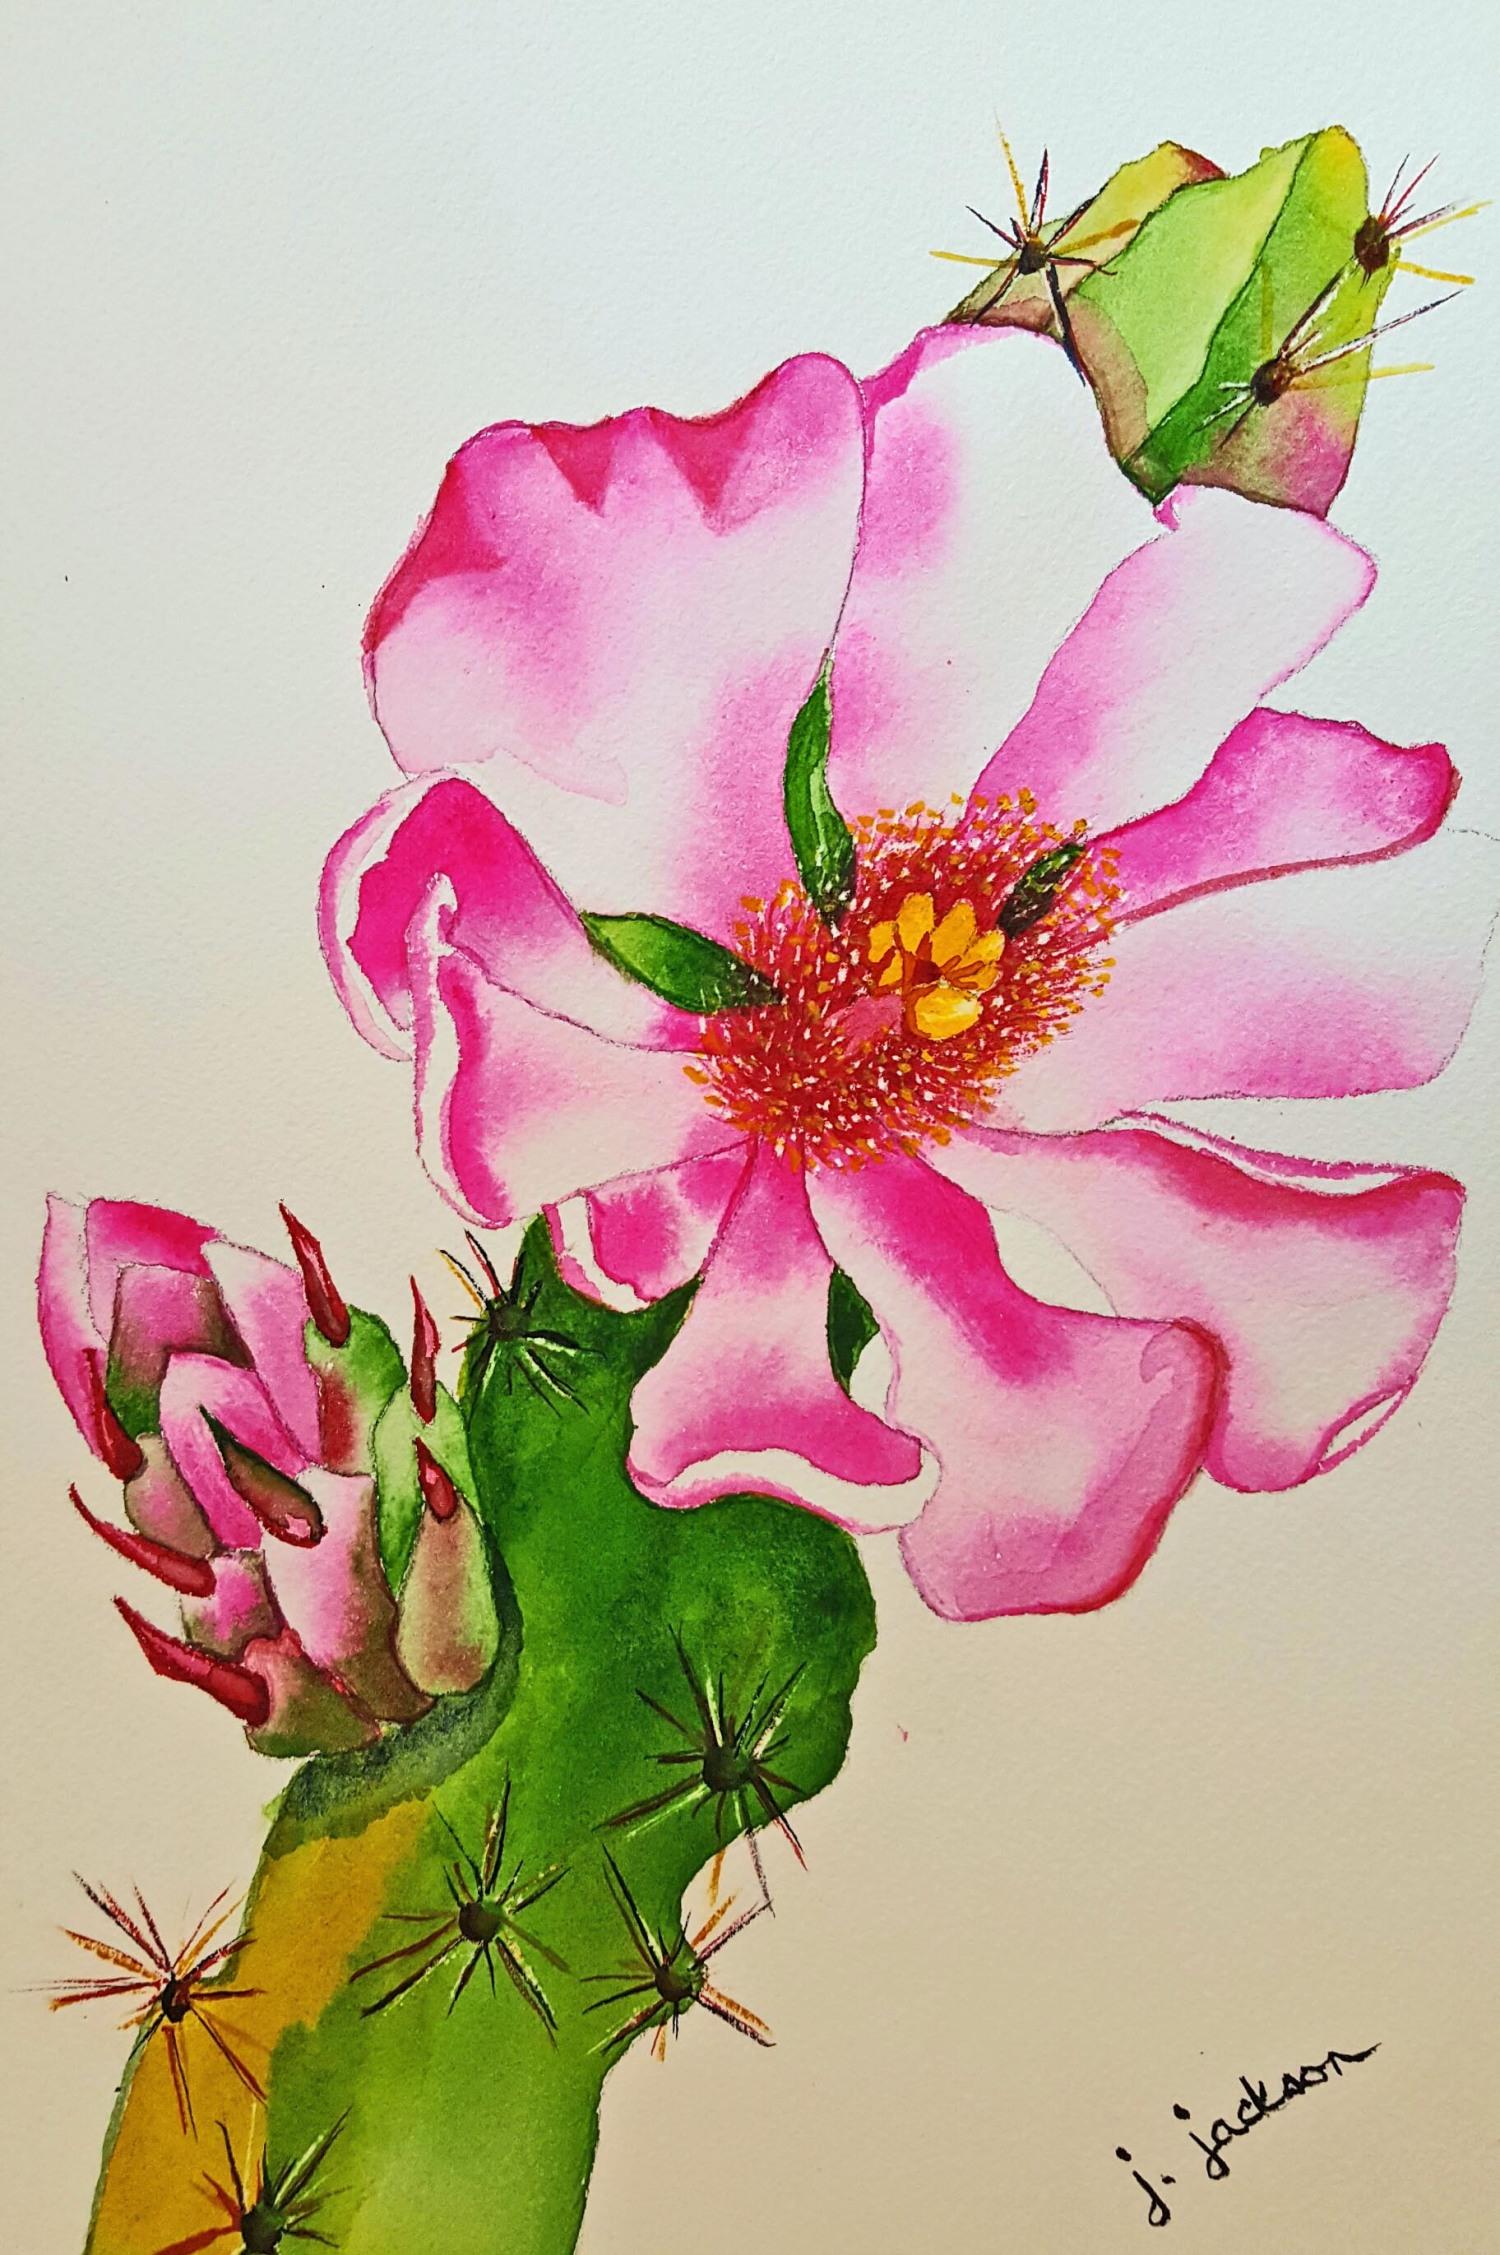 Walking Stick Cactus by Jane J.